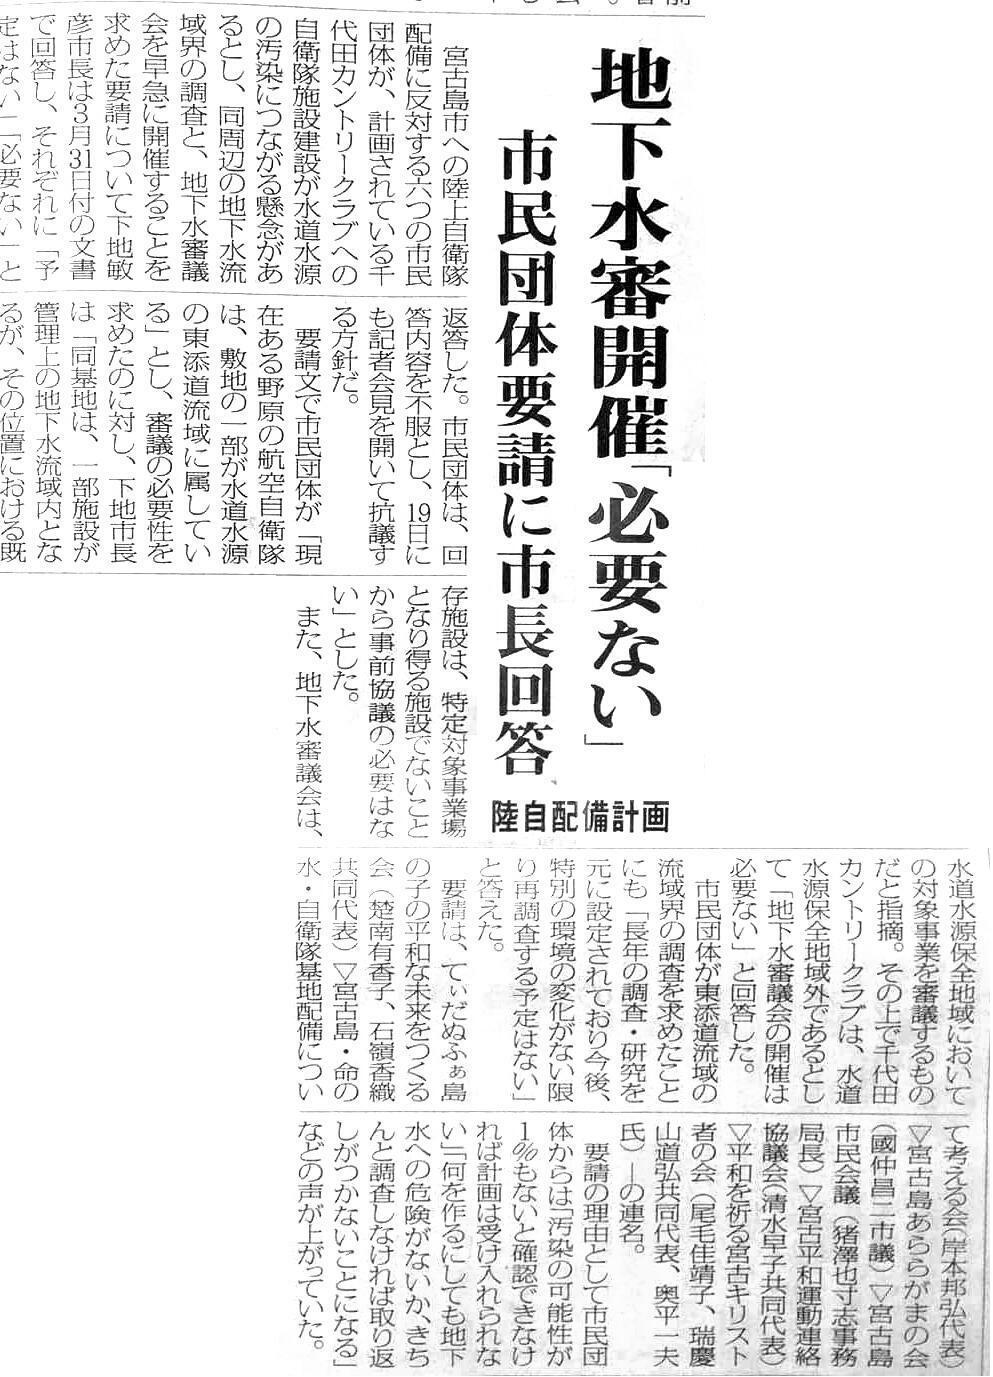 miyakomainichi2017 04162